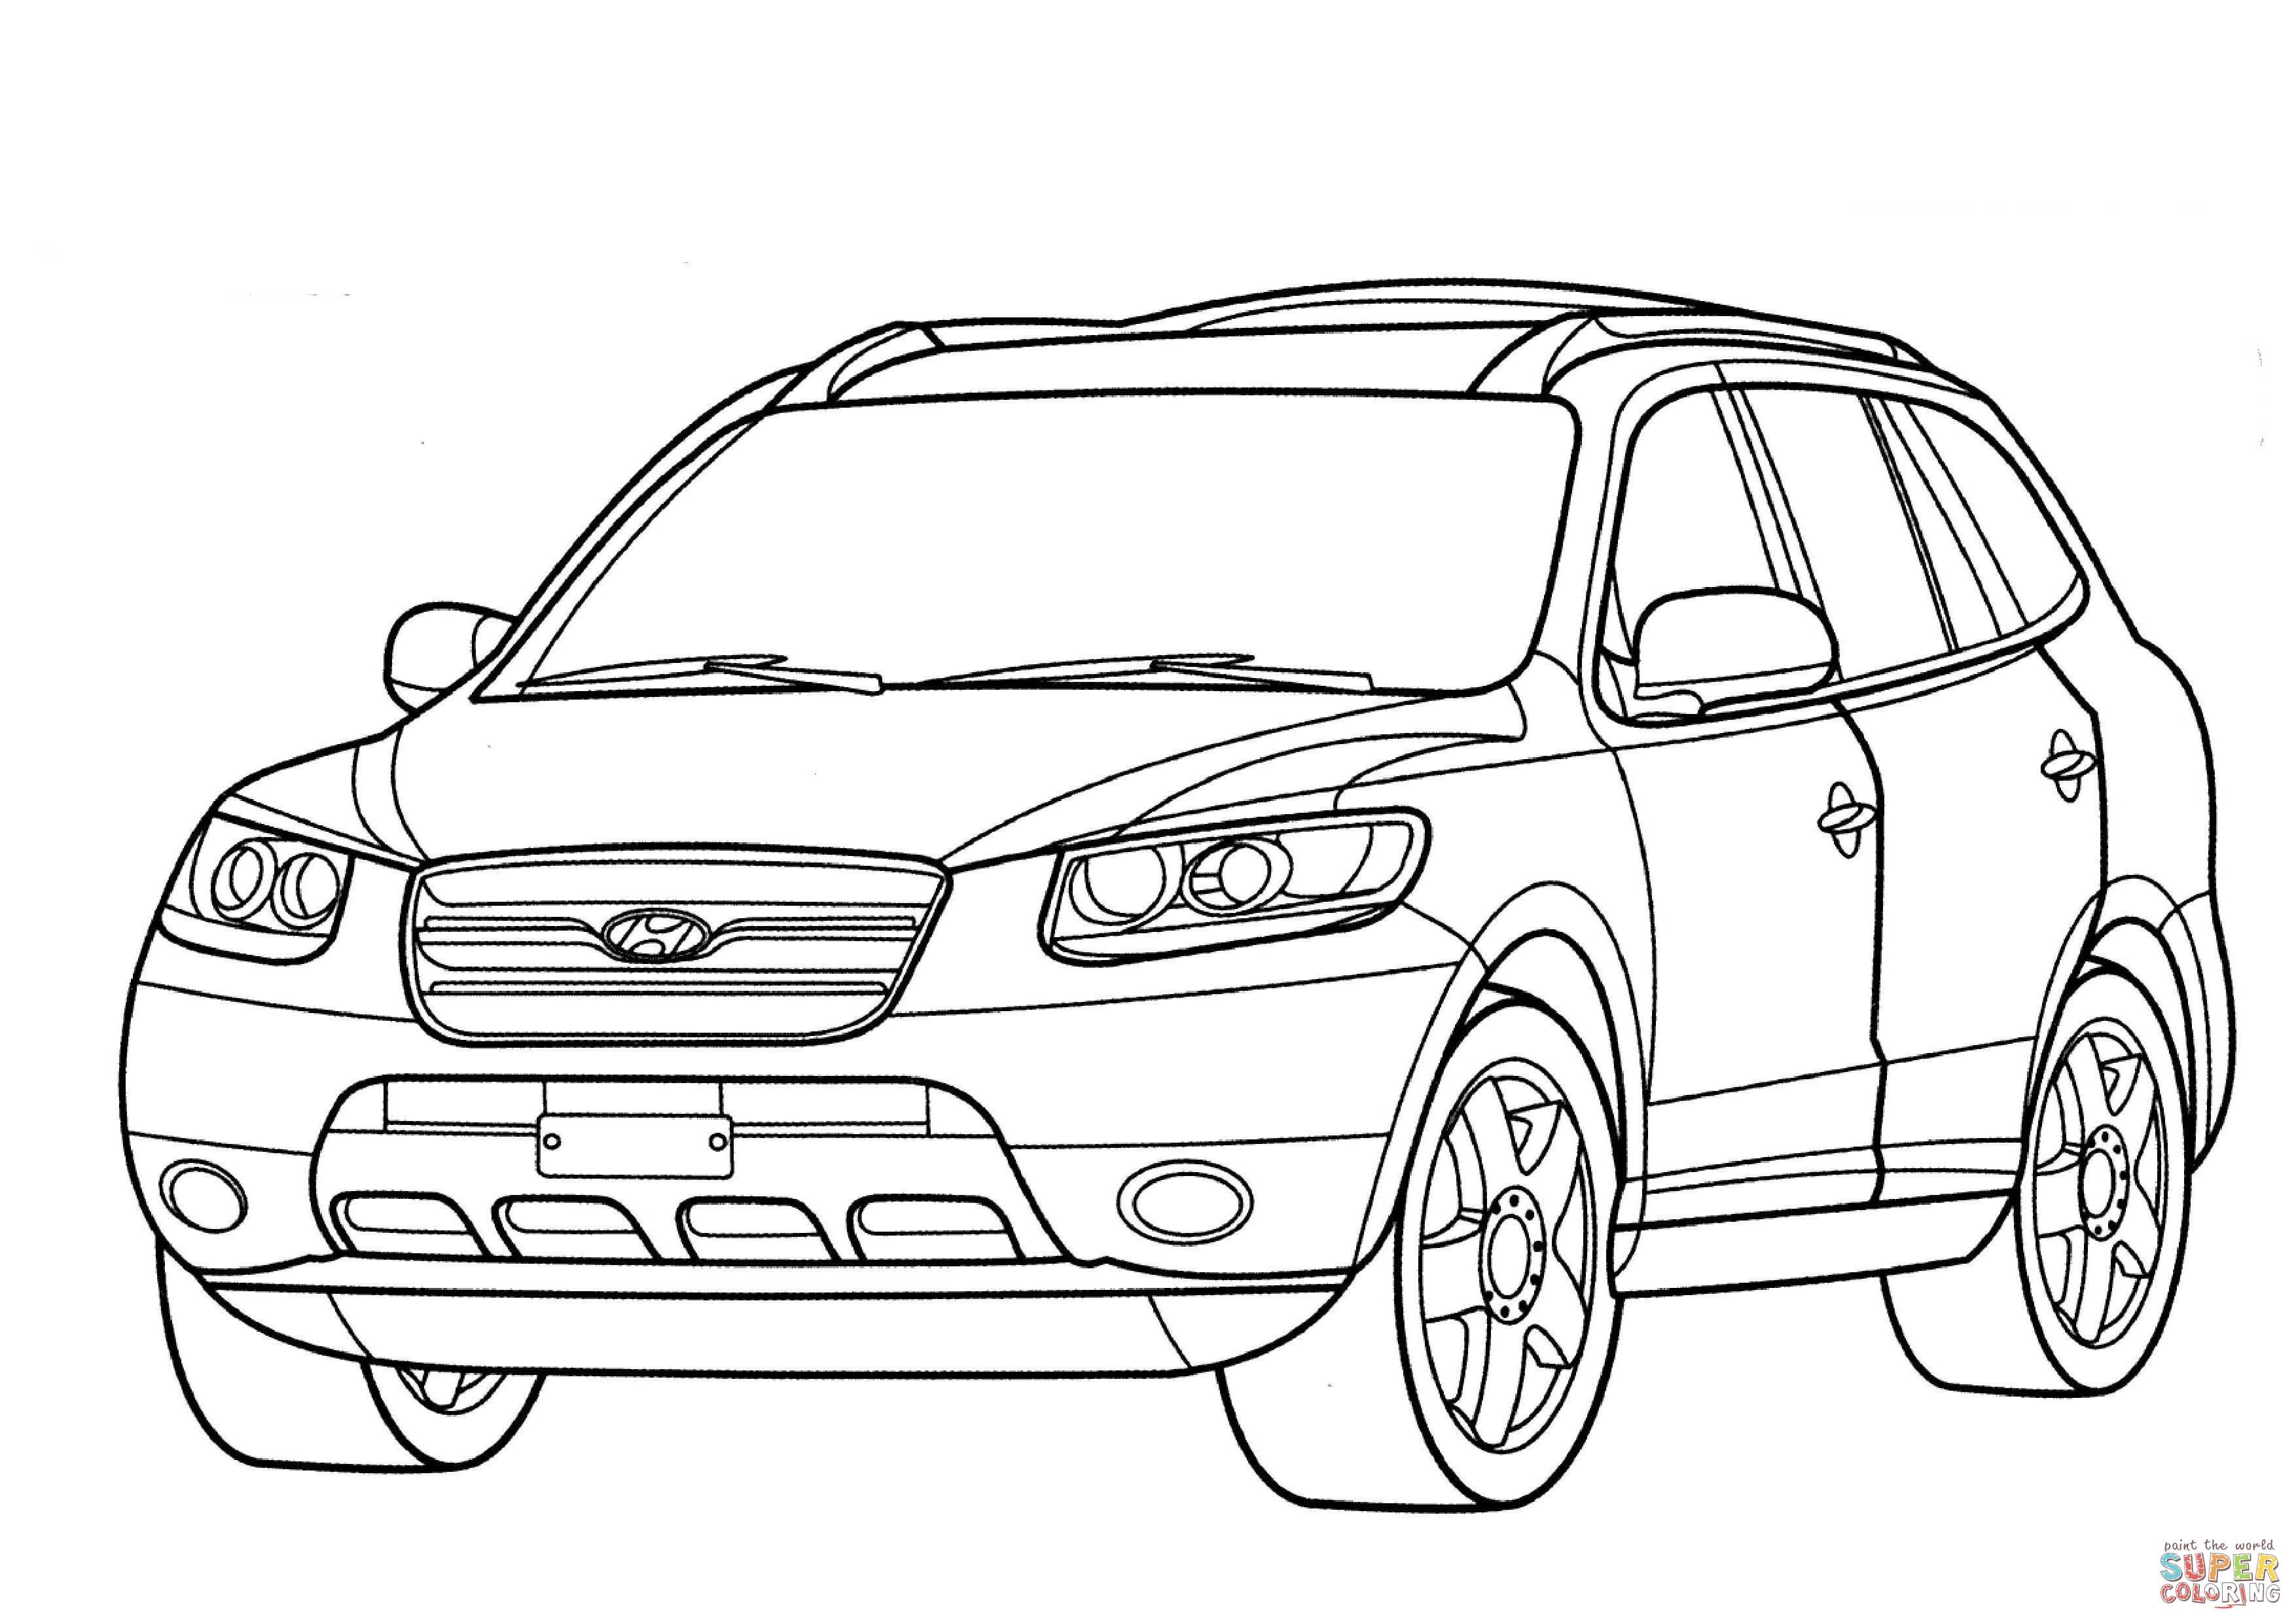 Hyundai Santa Fe Coloring Page